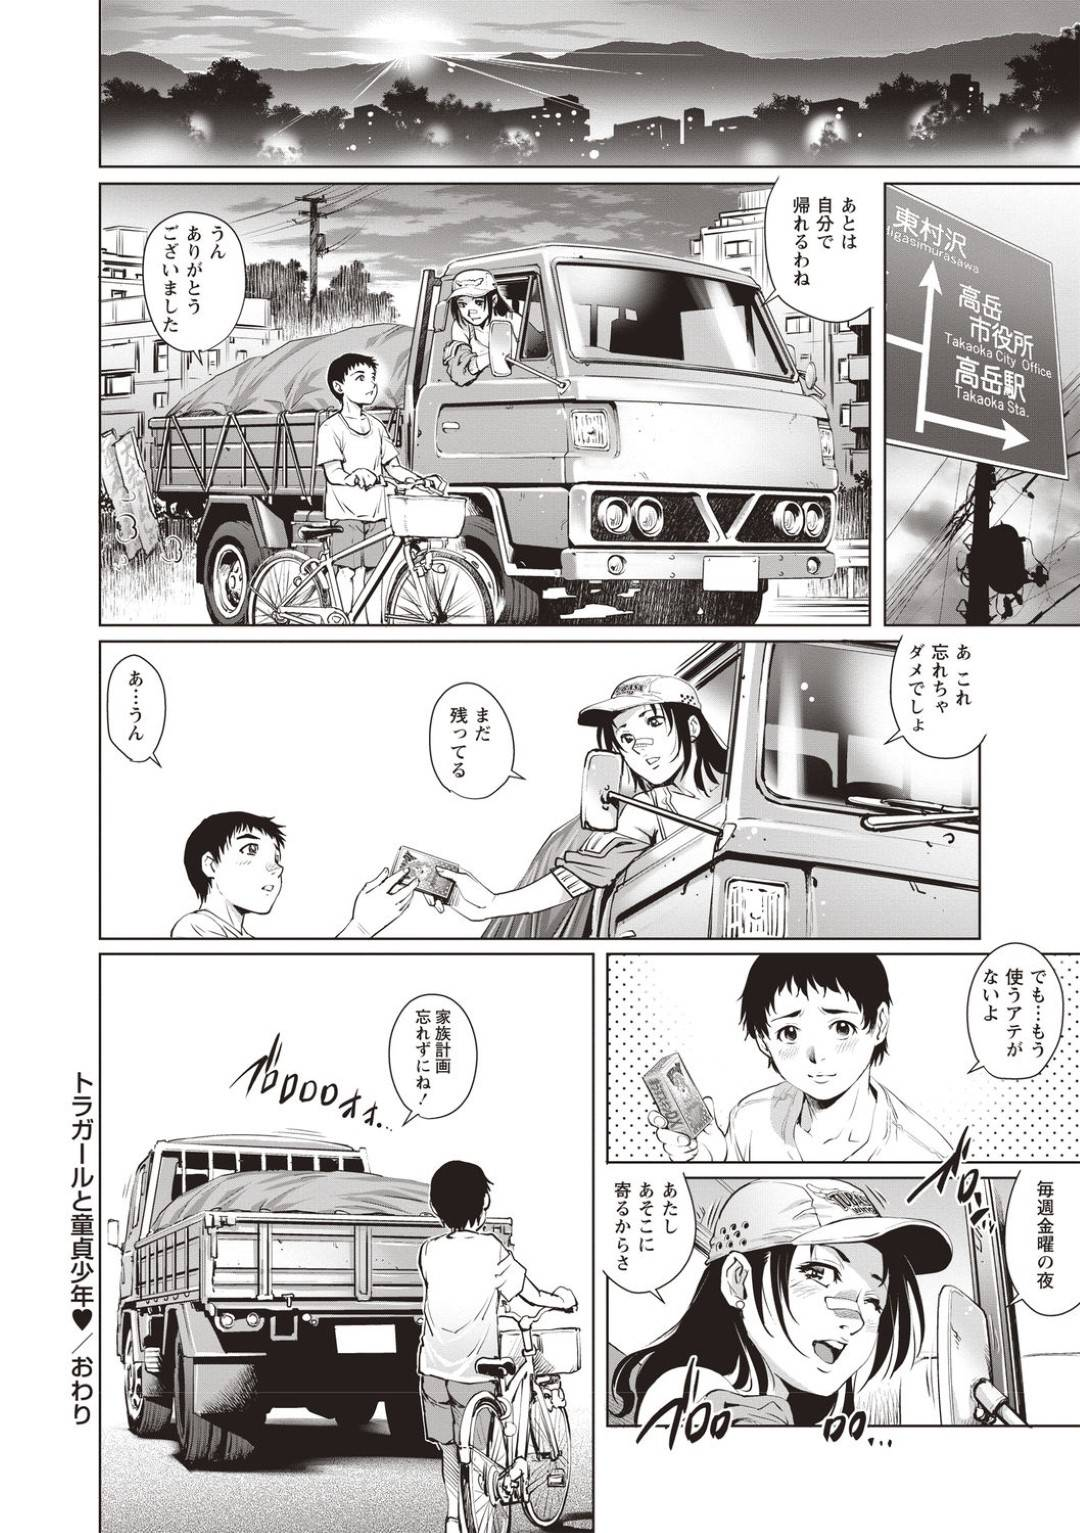 【エロ漫画】深夜の田舎の道中を歩いている少年を見かけたトラックドライバーの巨乳お姉さん…彼を乗せていく事にした彼女は次第に少年と打ち解けるようになり、車の中で誘惑しては筆おろしセックスまでしてしまう!【やながわ理央:トラガールと童貞少年】